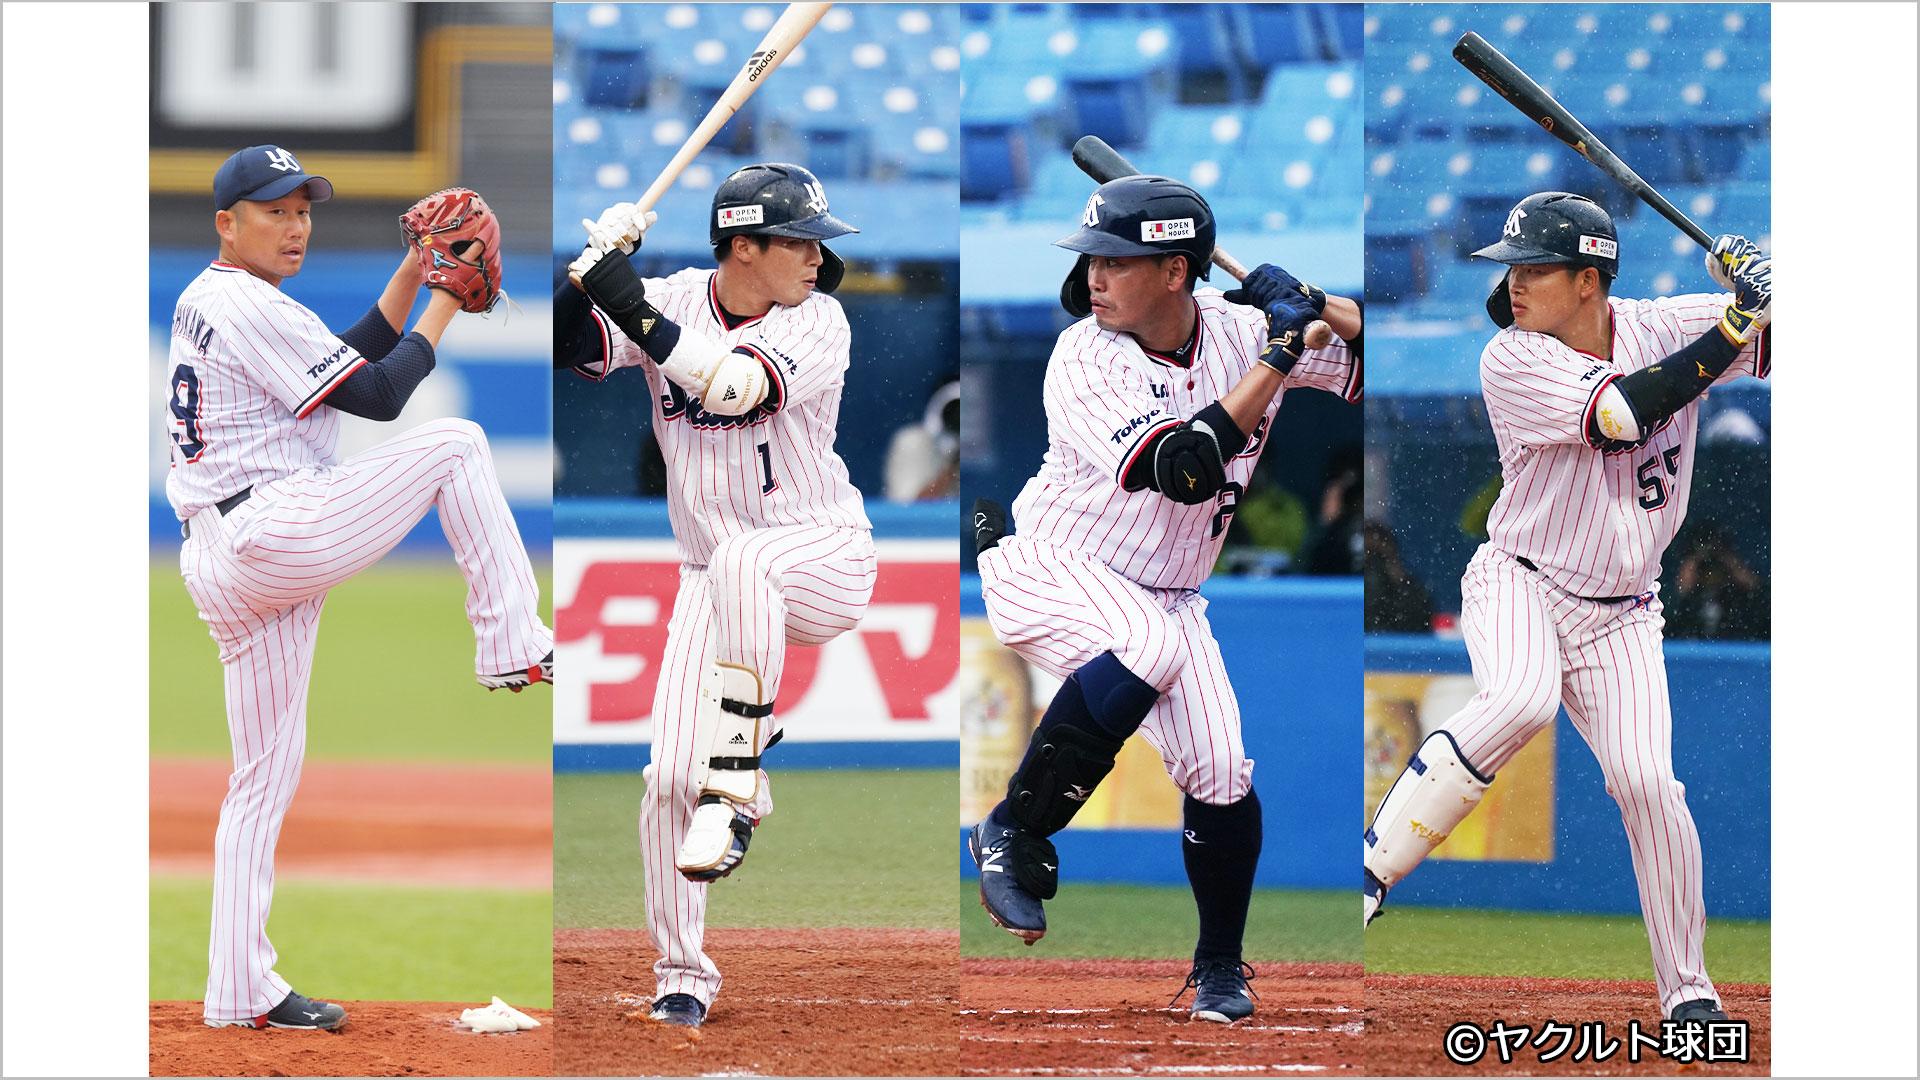 SWALLOWS BASEBALL L!VE 特別編  試合前練習 7/5